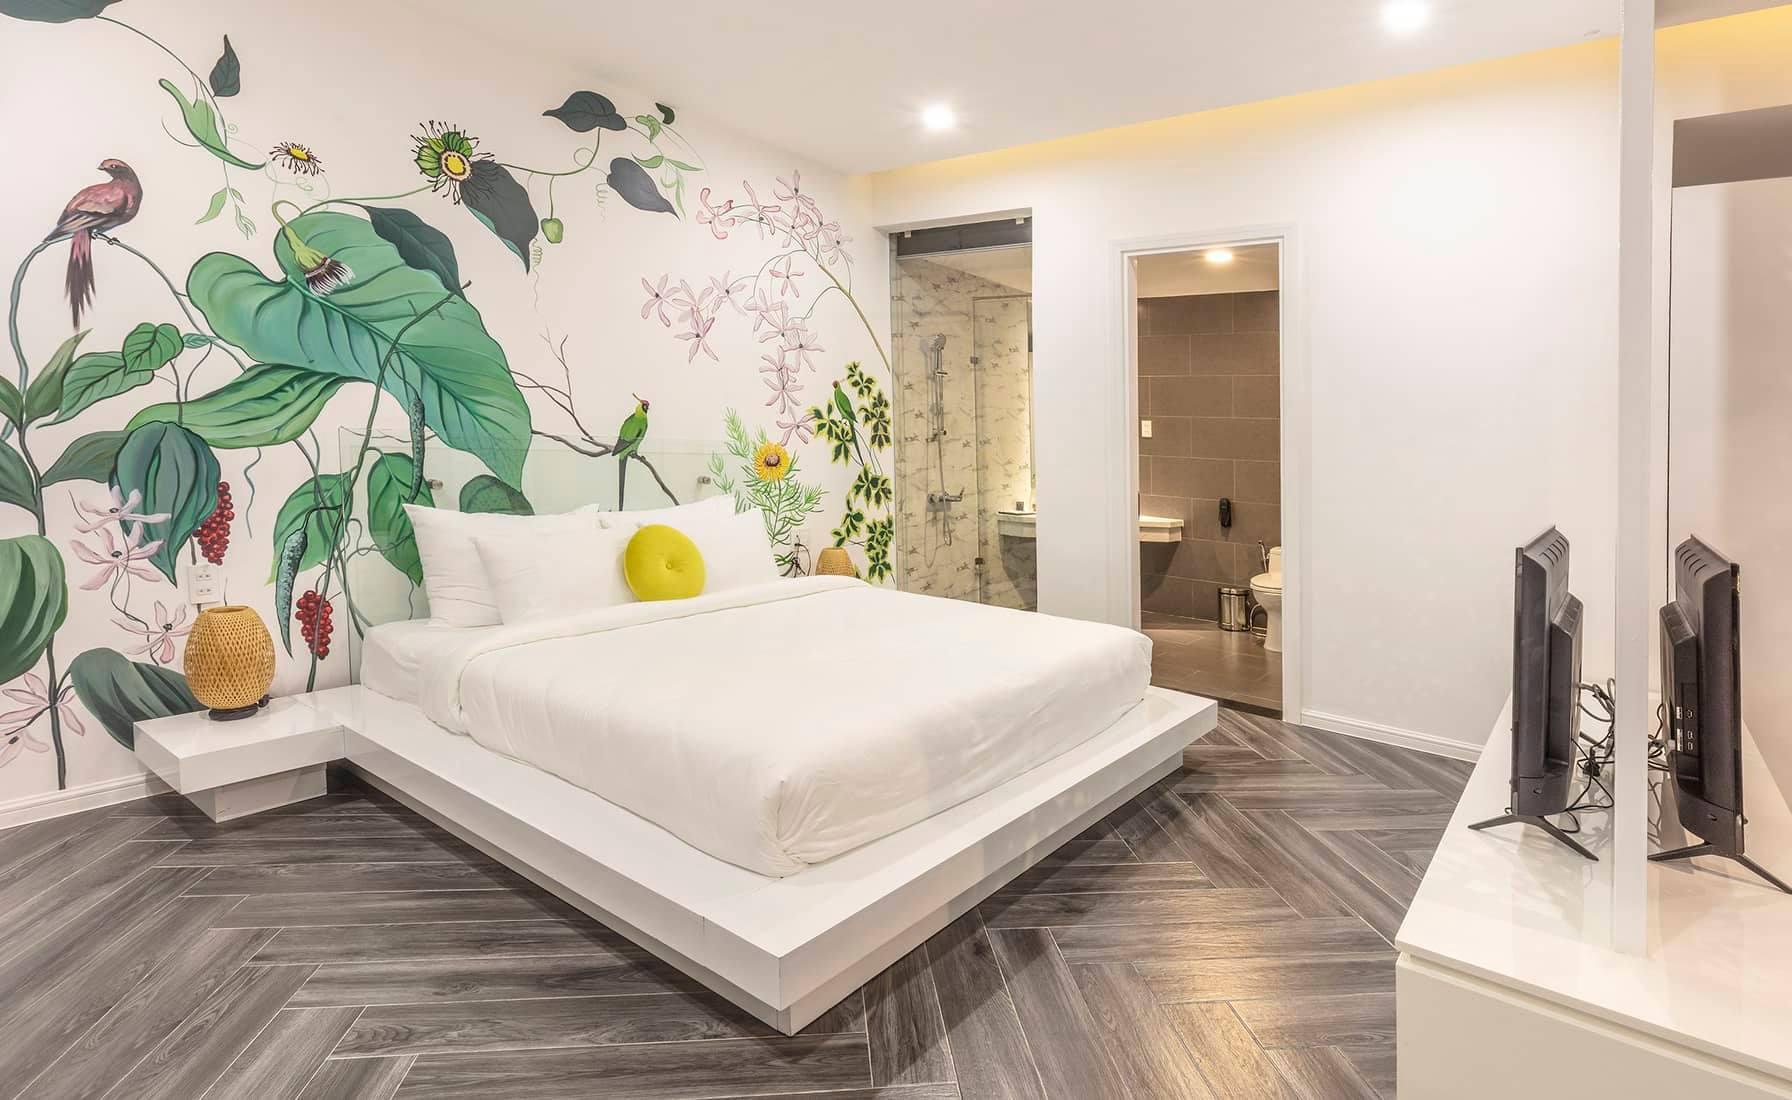 Len's Hotel, Đà Lạt có Miễn Phí Hủy, Bảng Giá Năm 2021 & Bài Đánh Giá